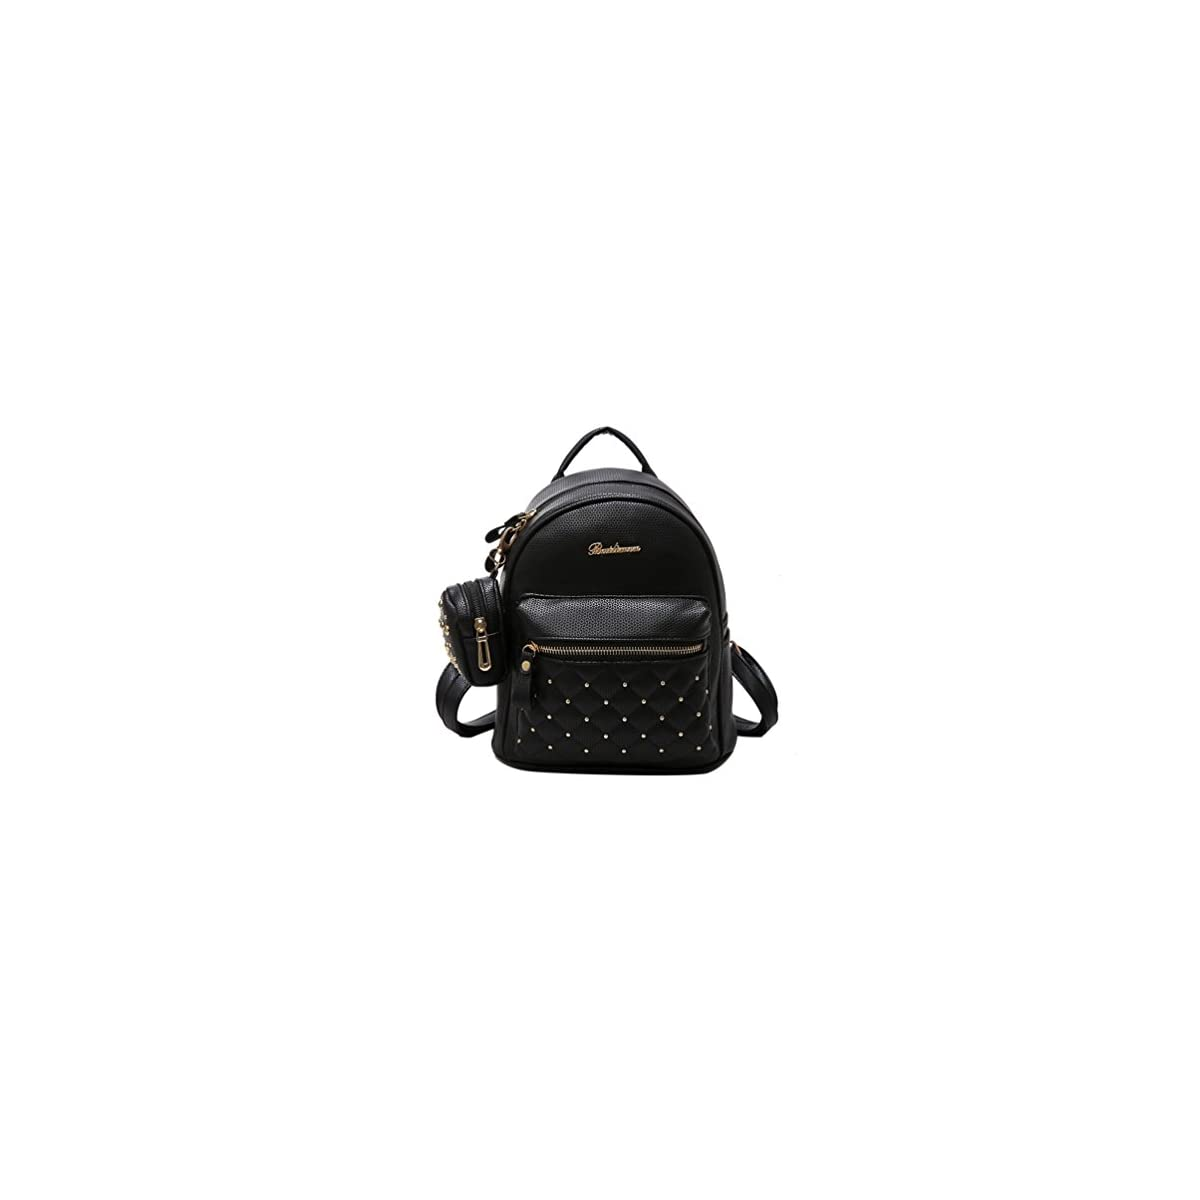 41B2auGoe9L. SS1200  - Mochilas Pequeñas Mujer de Cuero Negro Mochila Casual Mujer Moda 2 en 1 para Ocio Viaje